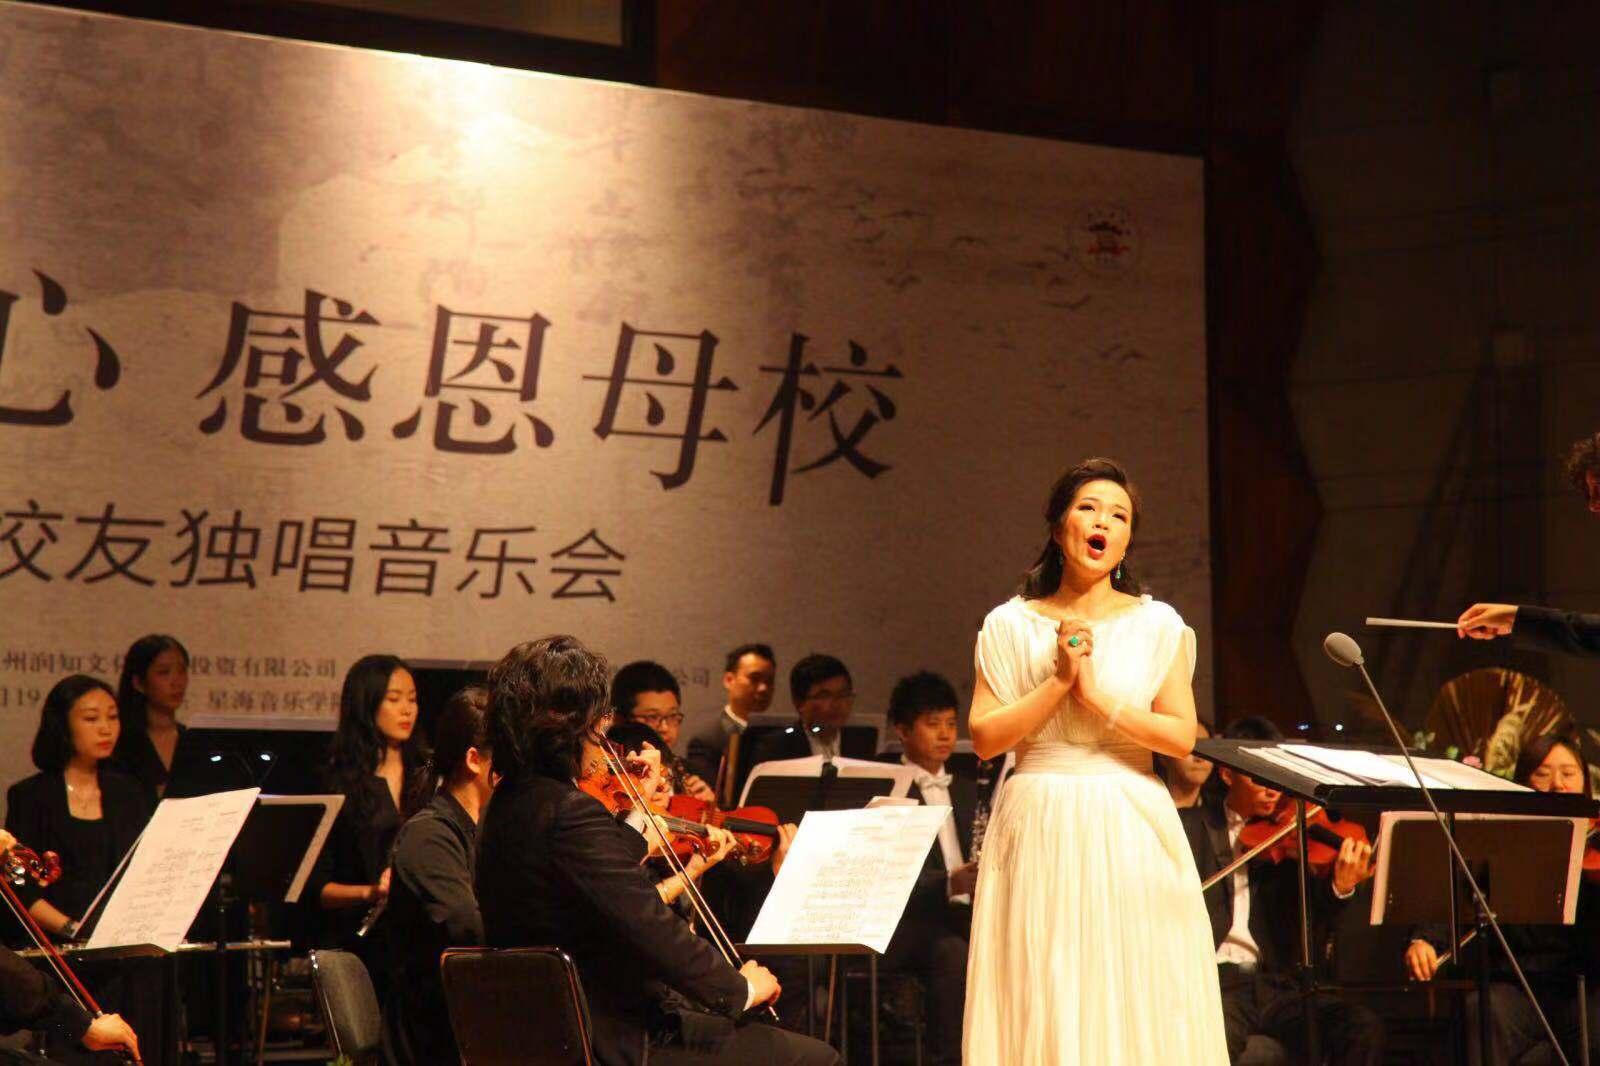 """珠宝设计师20年后重返舞台   庄丽萍还是那颗热爱声乐的""""星海珍珠"""""""